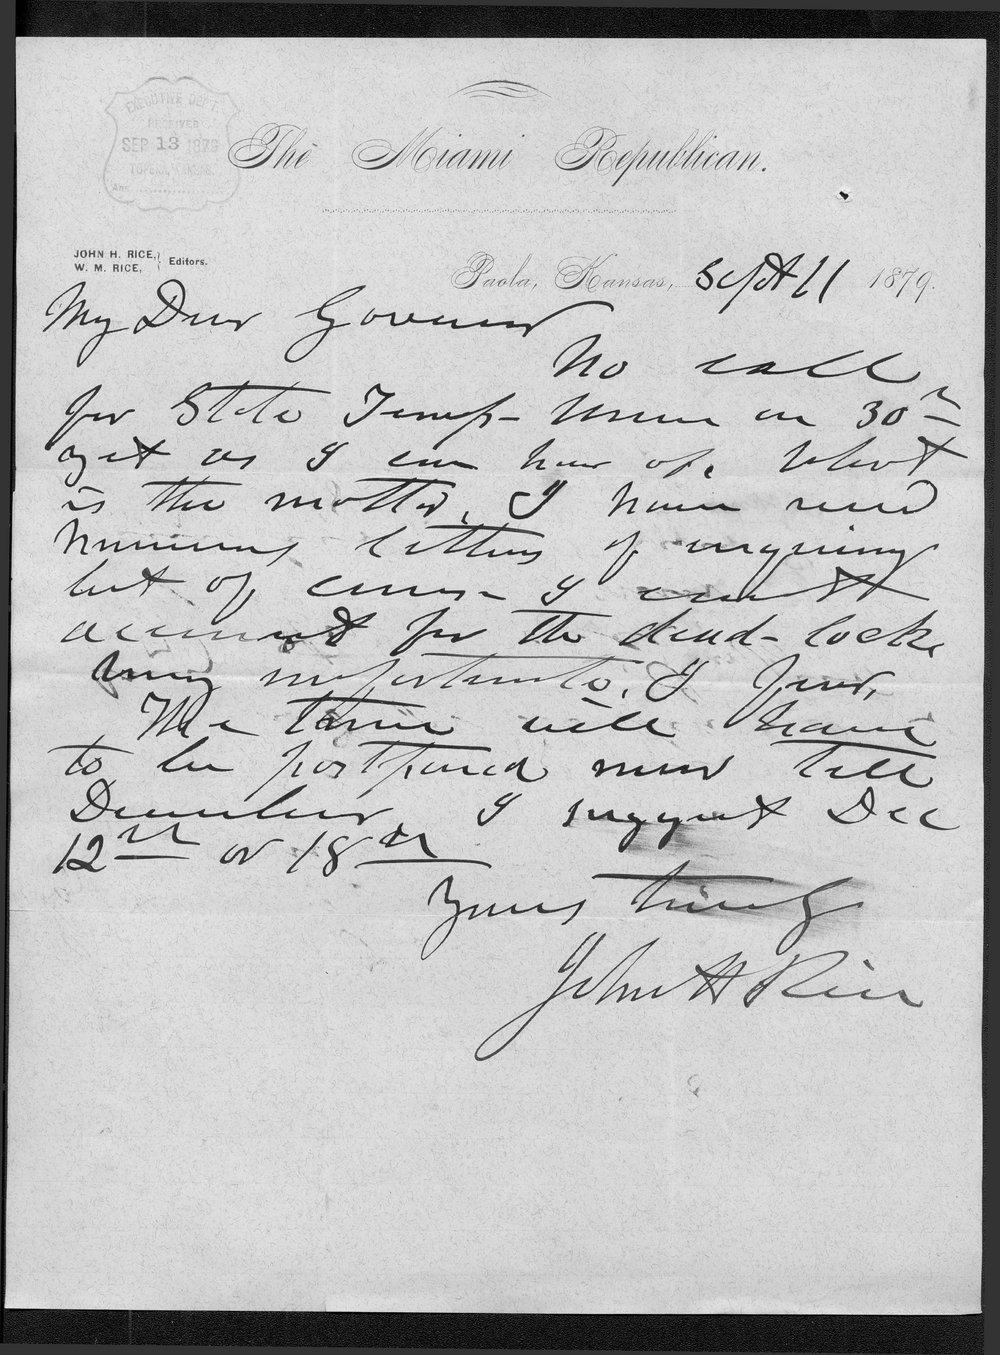 John H. Rice to Governor John St. John